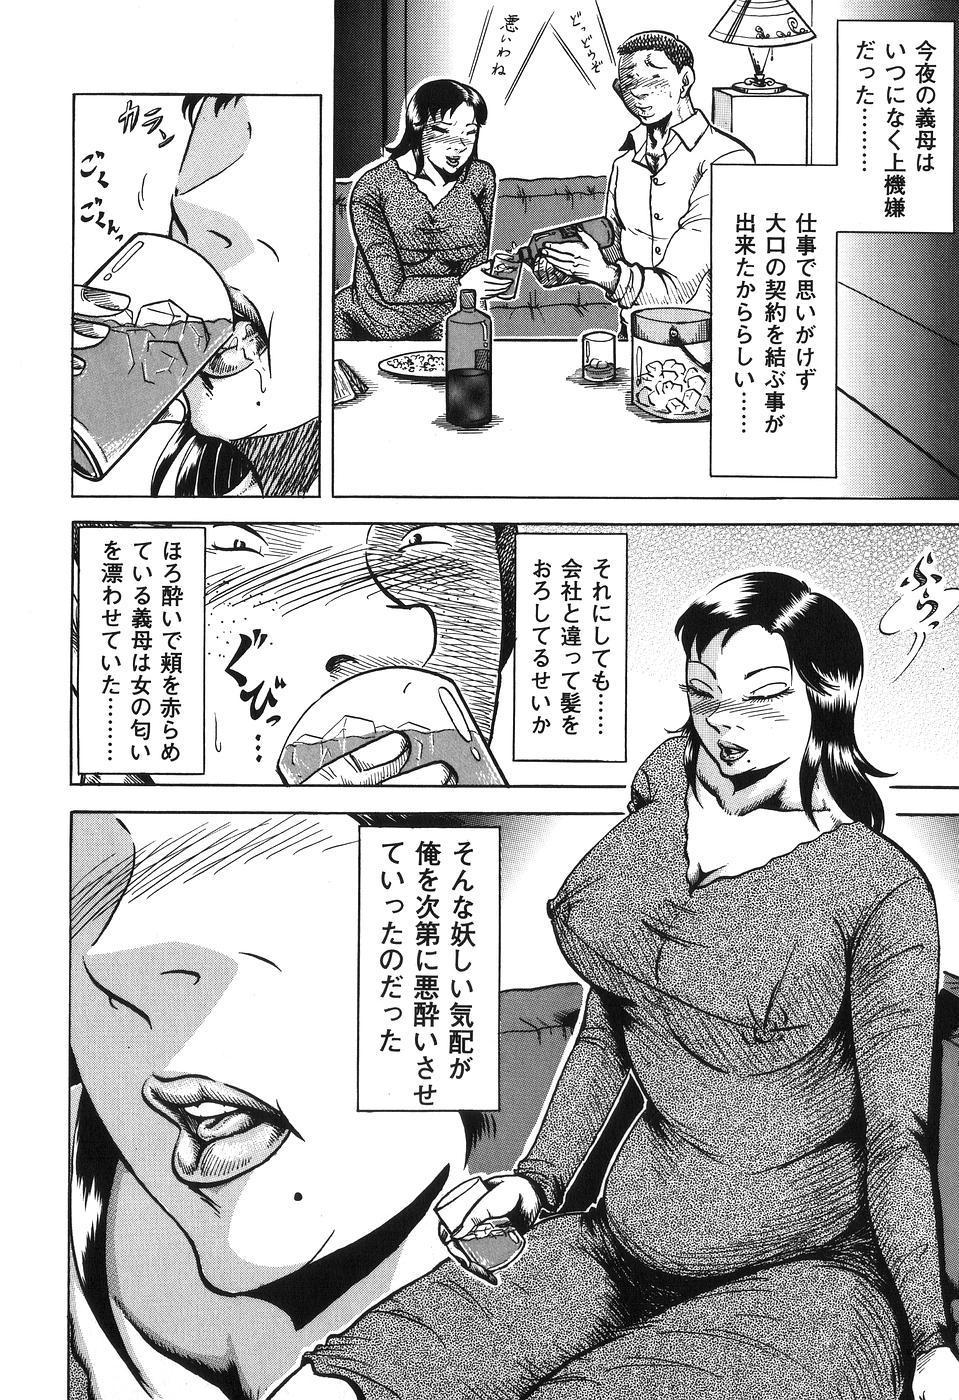 Jukubo Soukan Yosoji no Tawamure 89